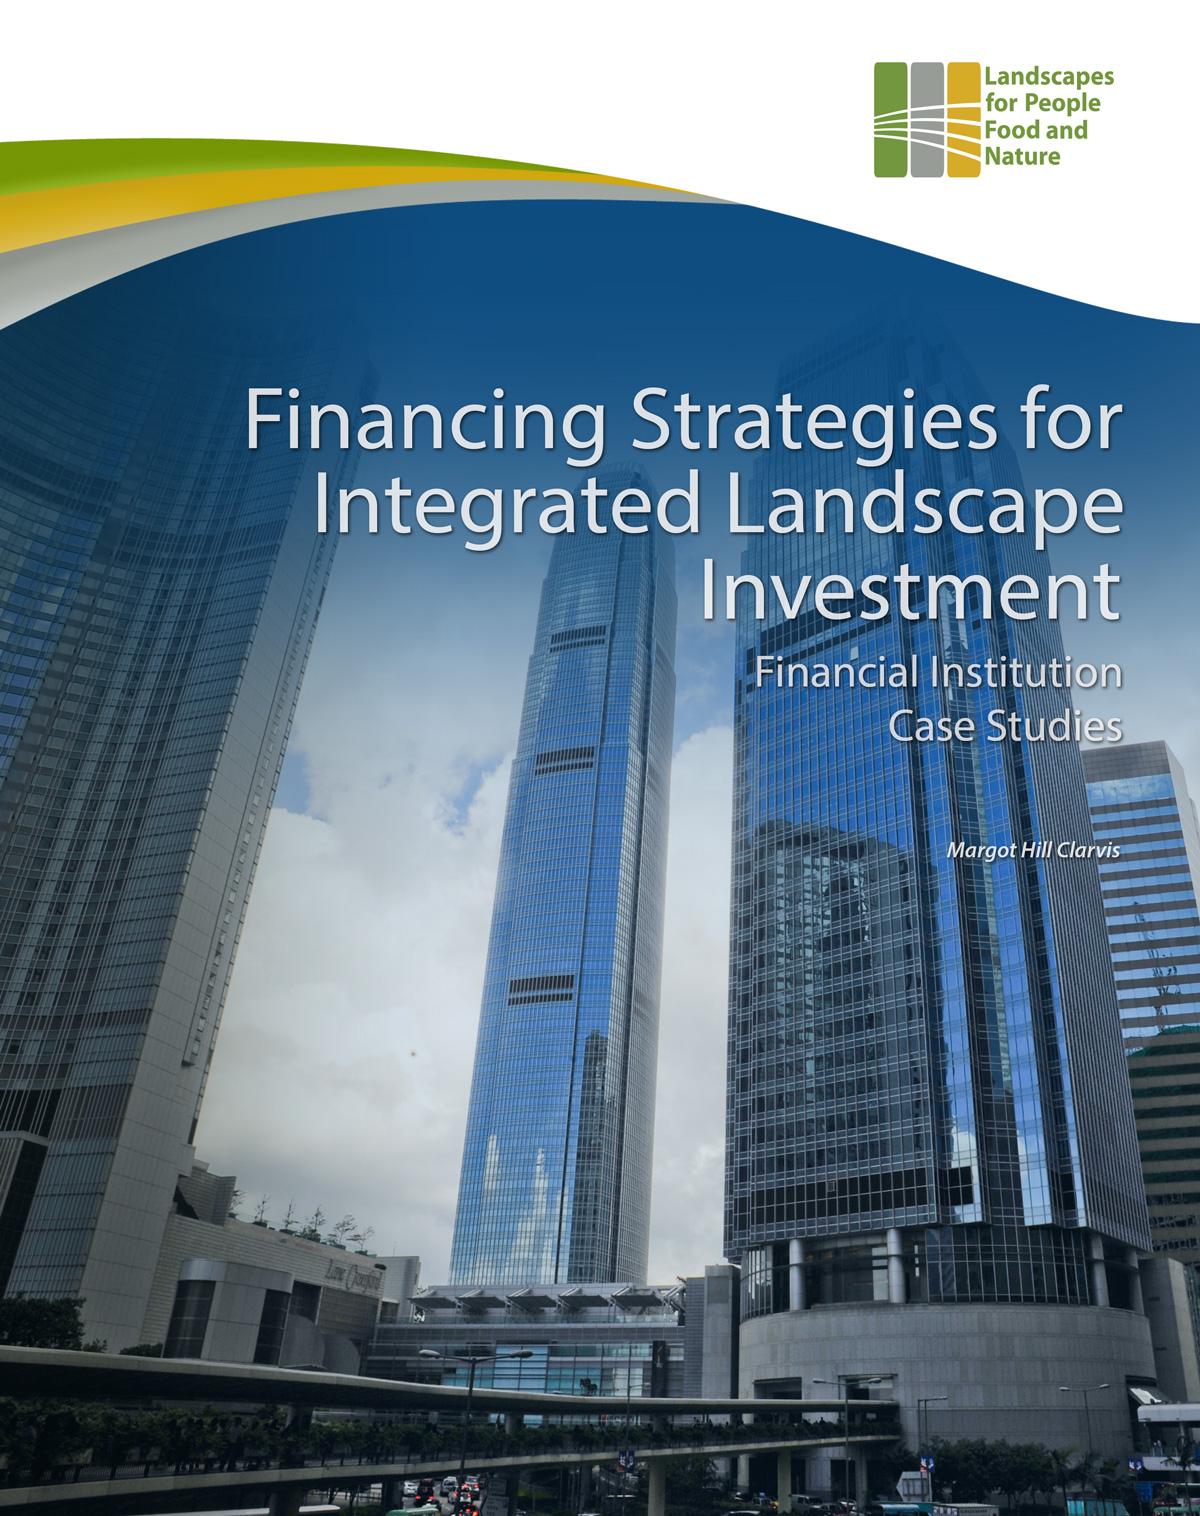 FinanceInstitutionCaseStudies_Cover2